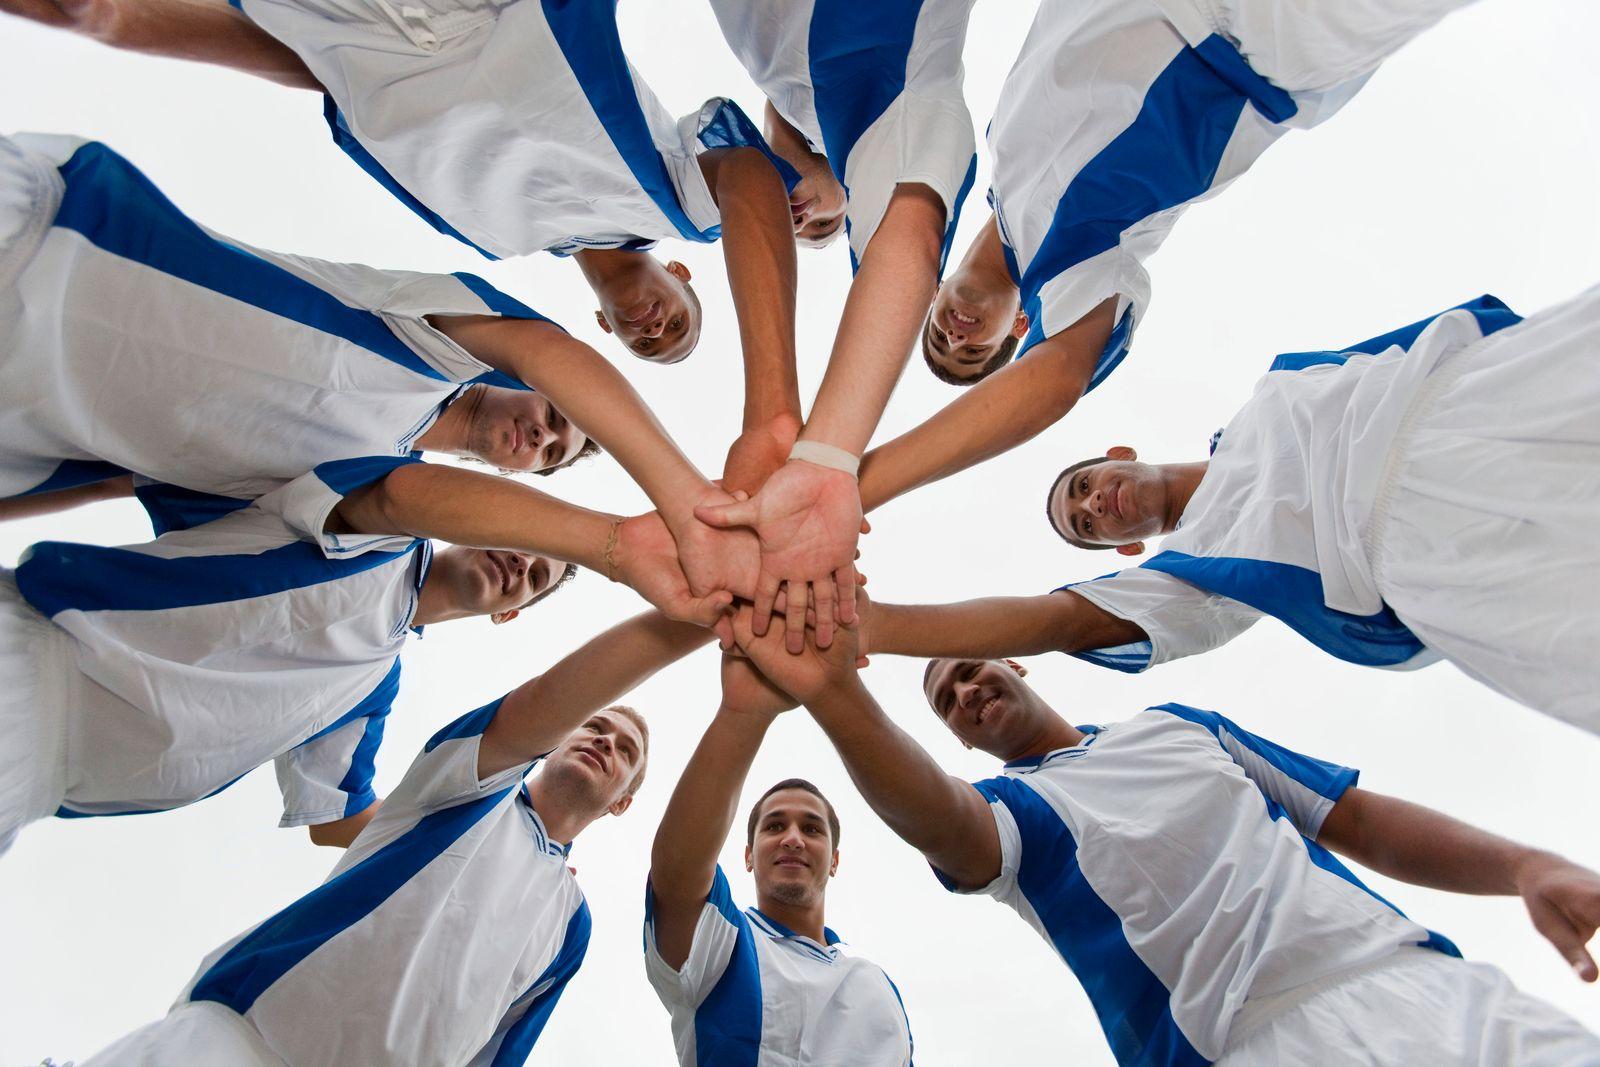 NICHT MEHR VERWENDEN! - Fußballmannschaft / Team / Sportler